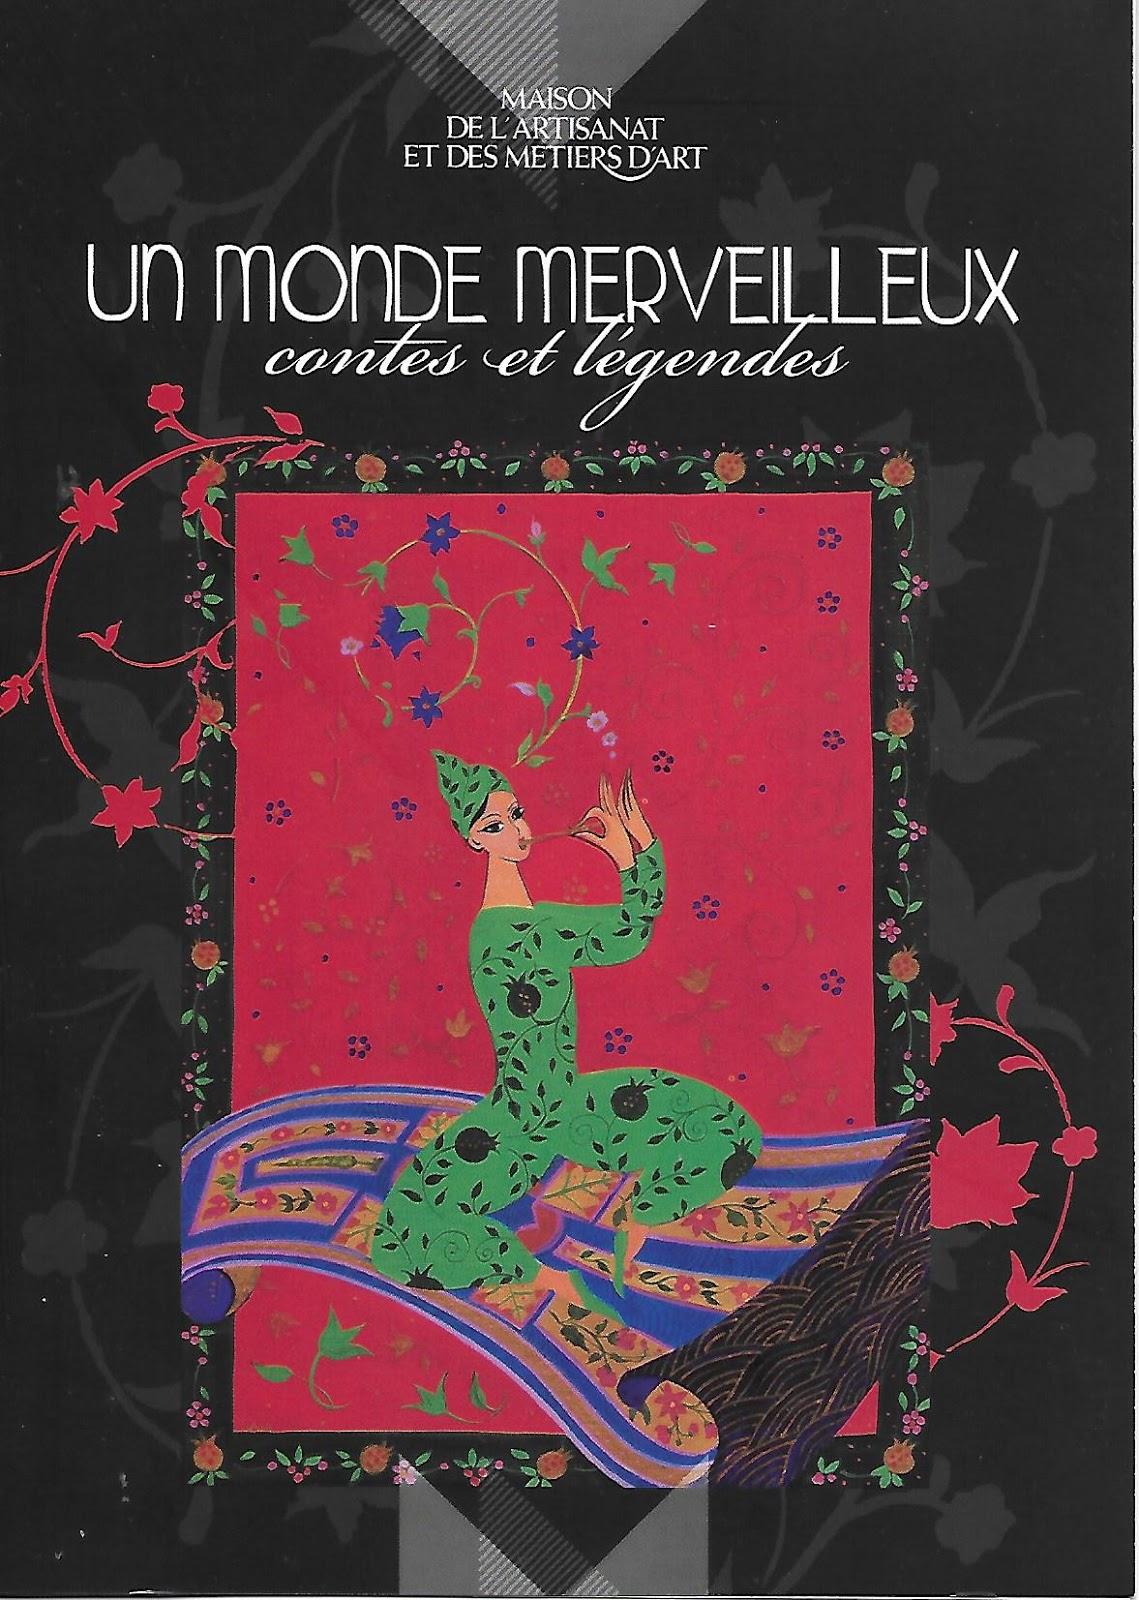 Ciq saint mauront maison de l 39 artisanat et des m tiers d 39 art - Artisanat d art hervet manufacturier ...